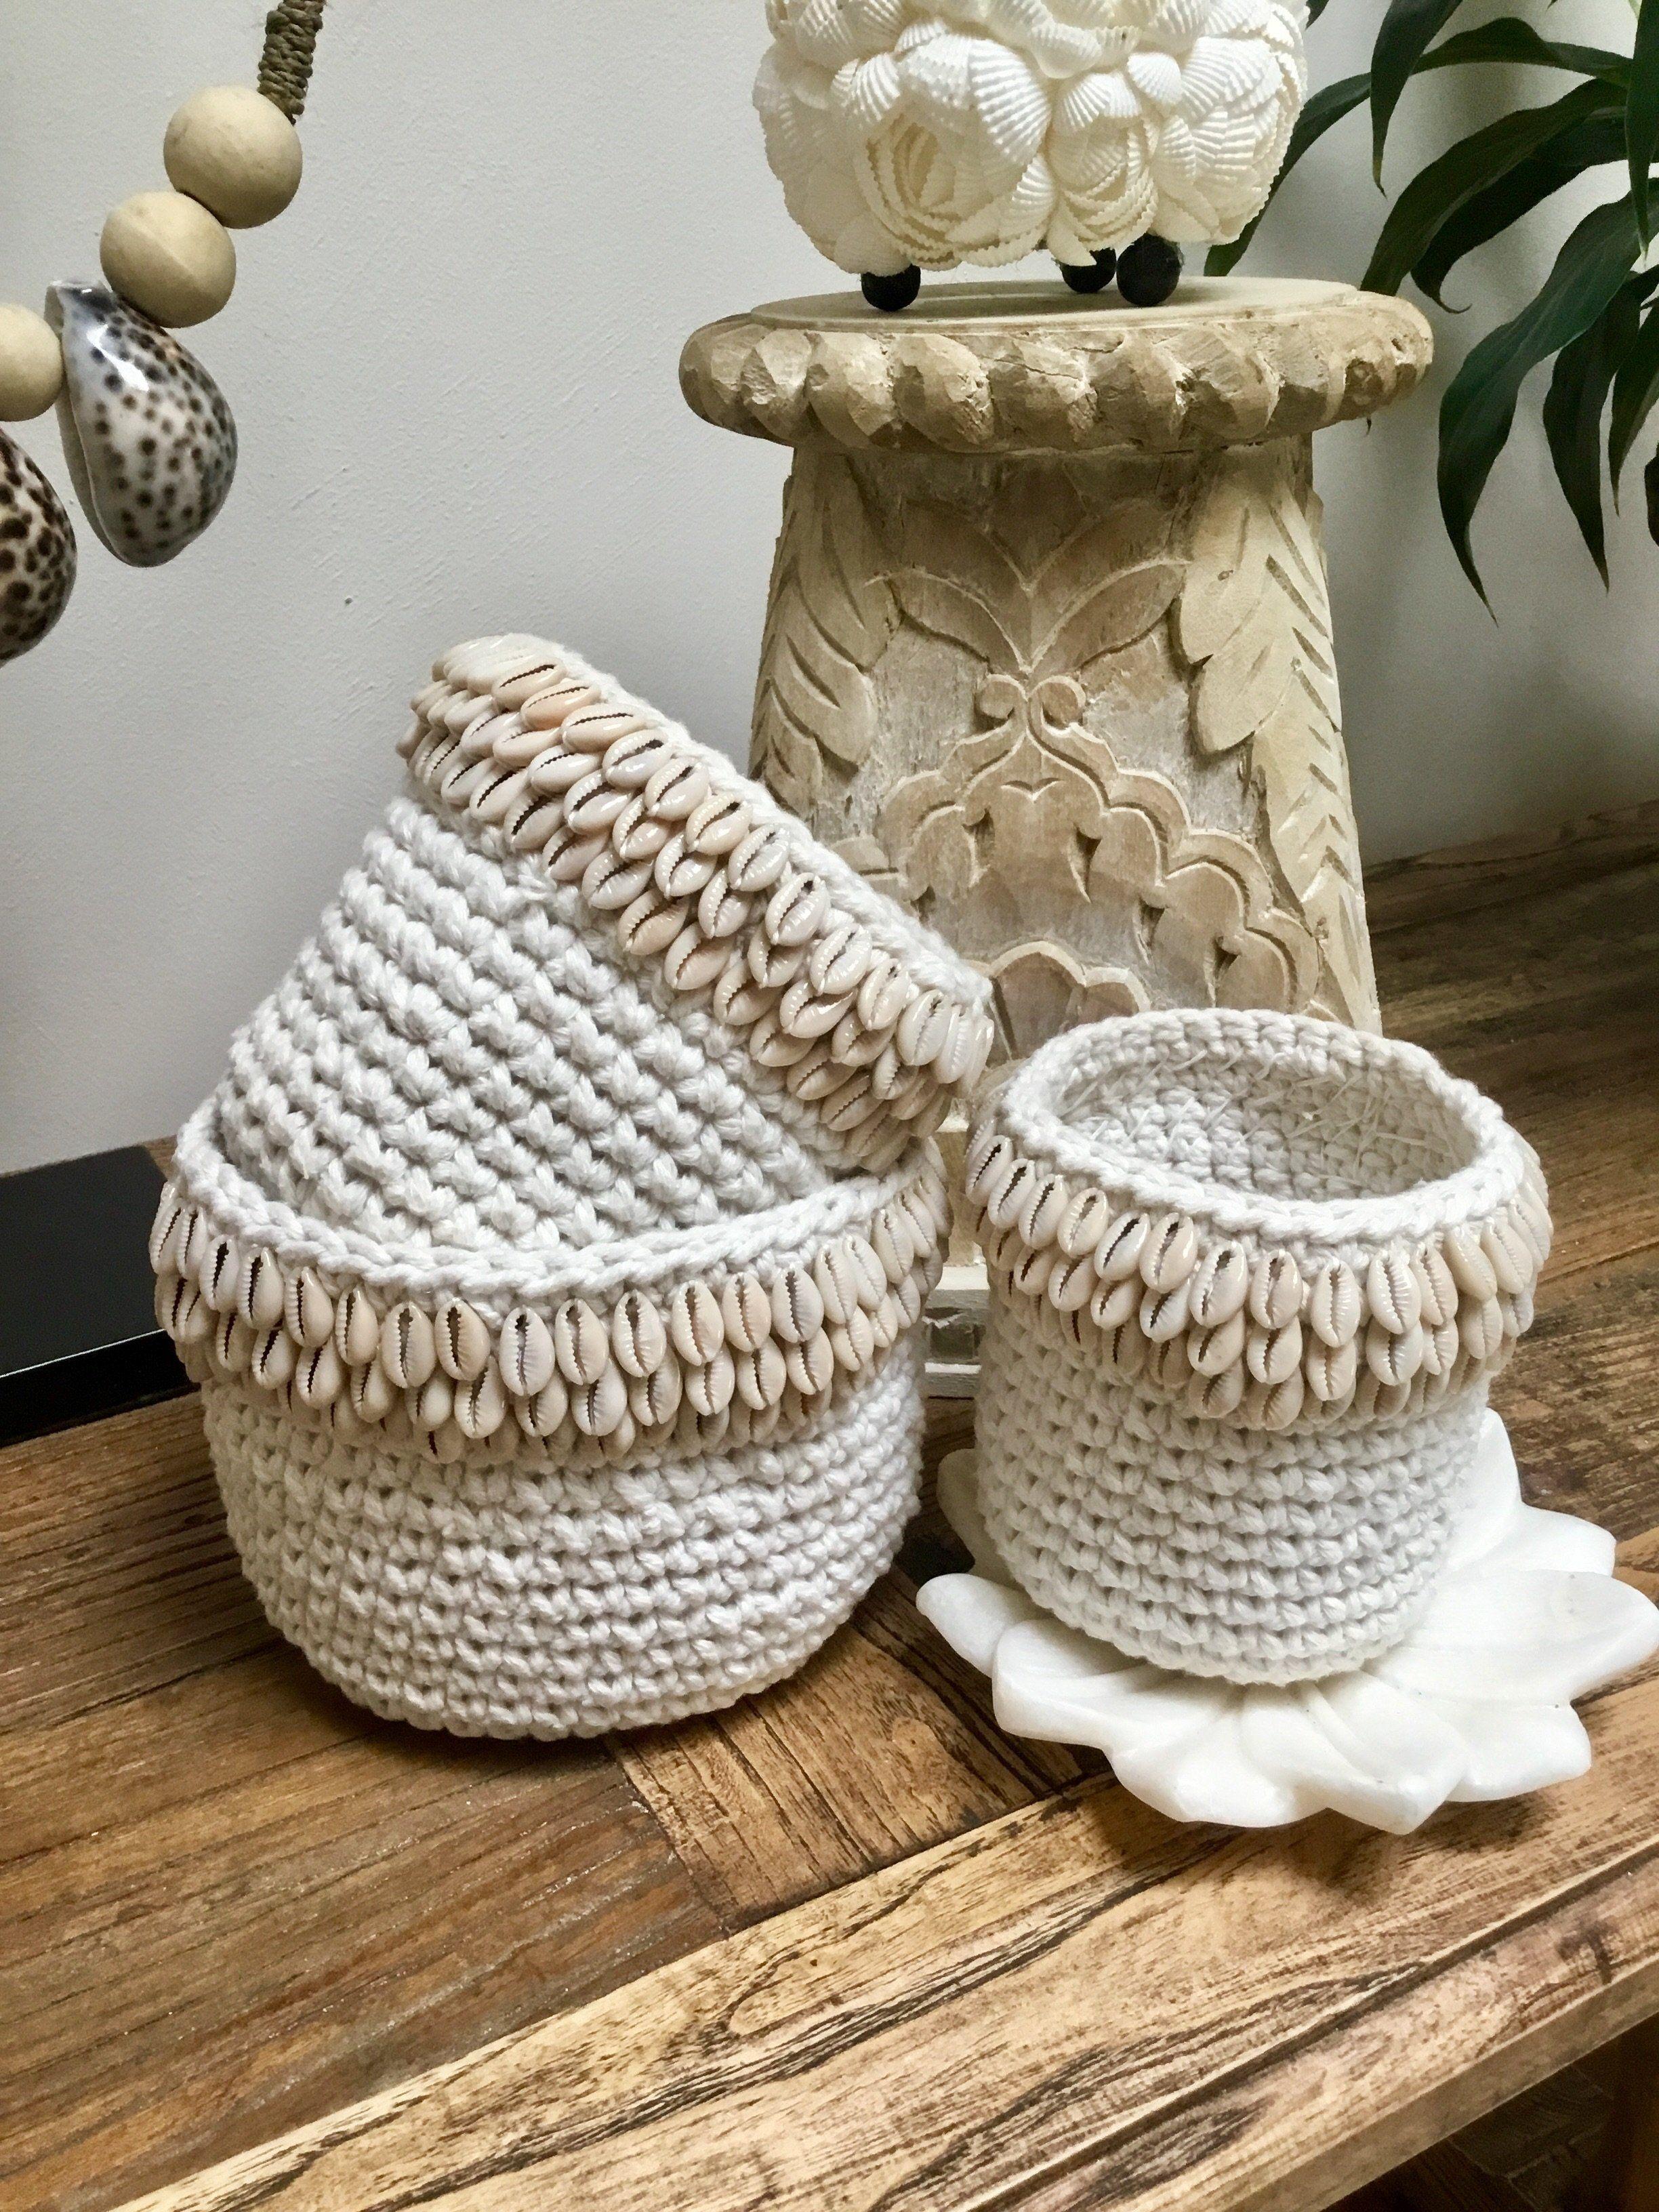 Coastal shell crochet basket set of 3 tropical